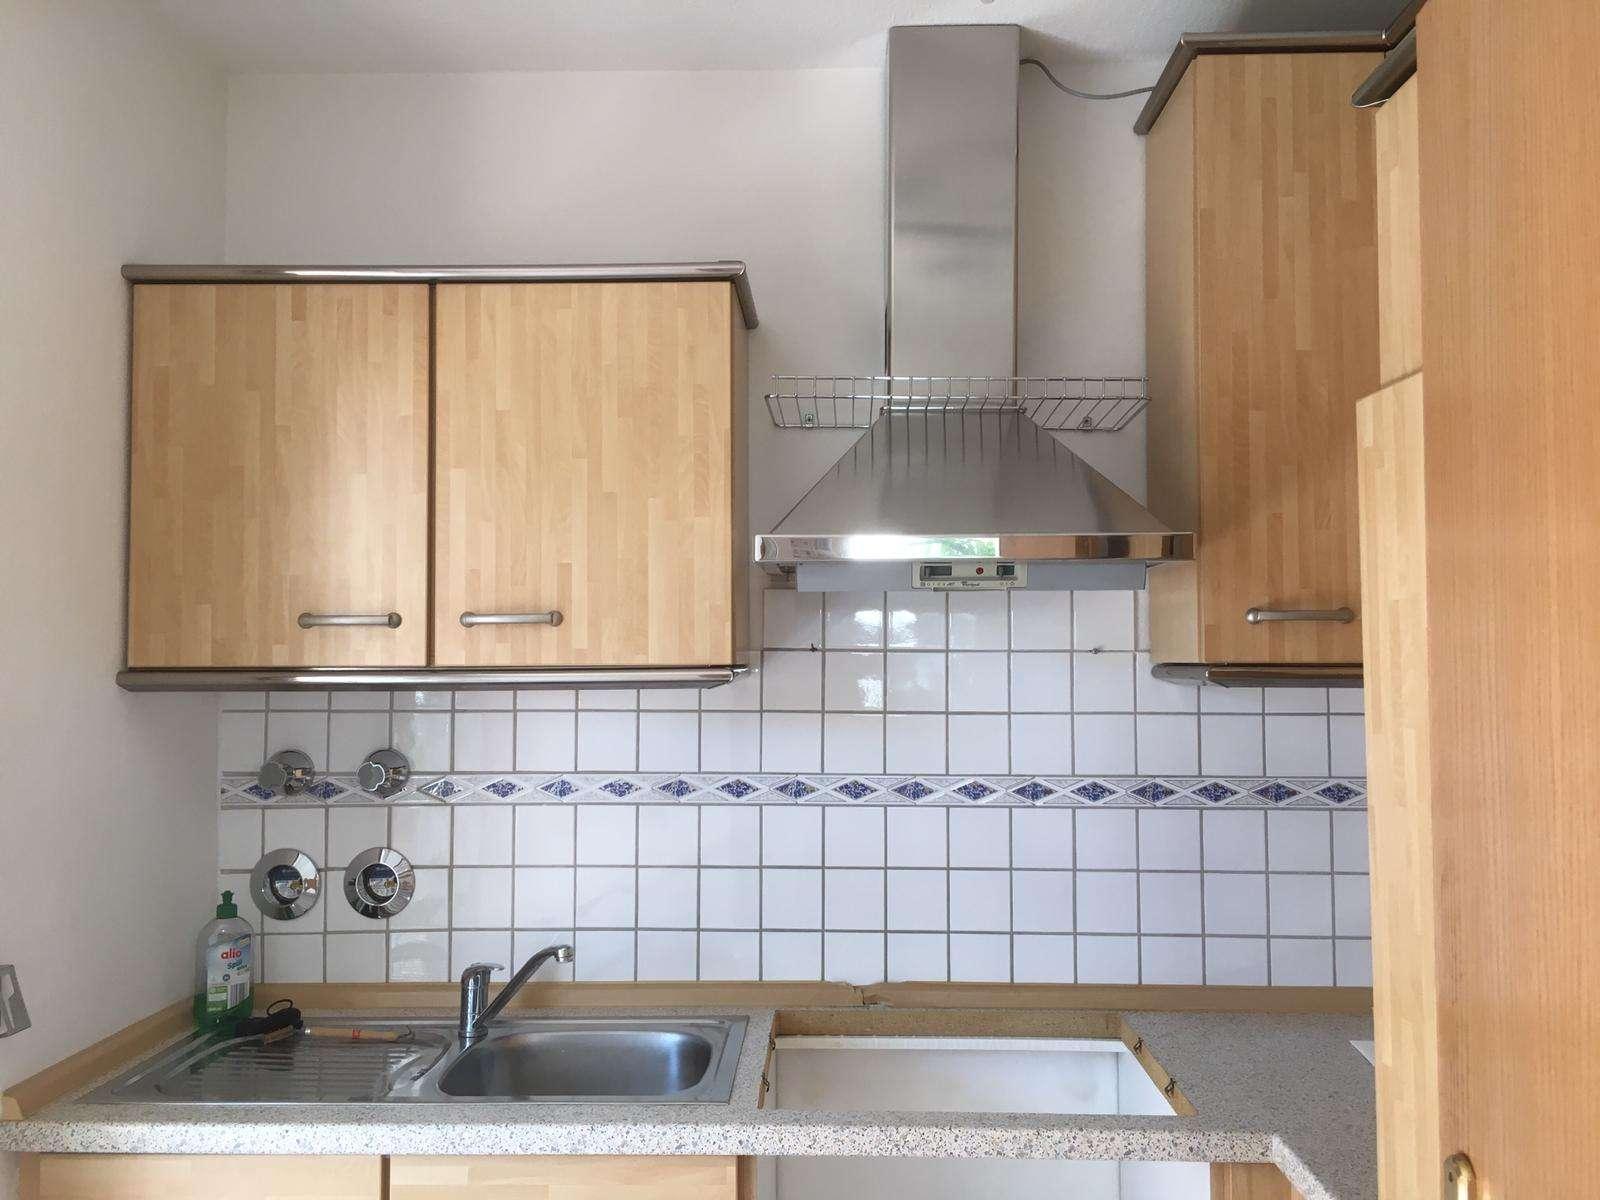 Exklusive, vollständig renovierte 2-Zimmer-Wohnung mit zwei Balkonen und Einbauküche in Bad Abbach